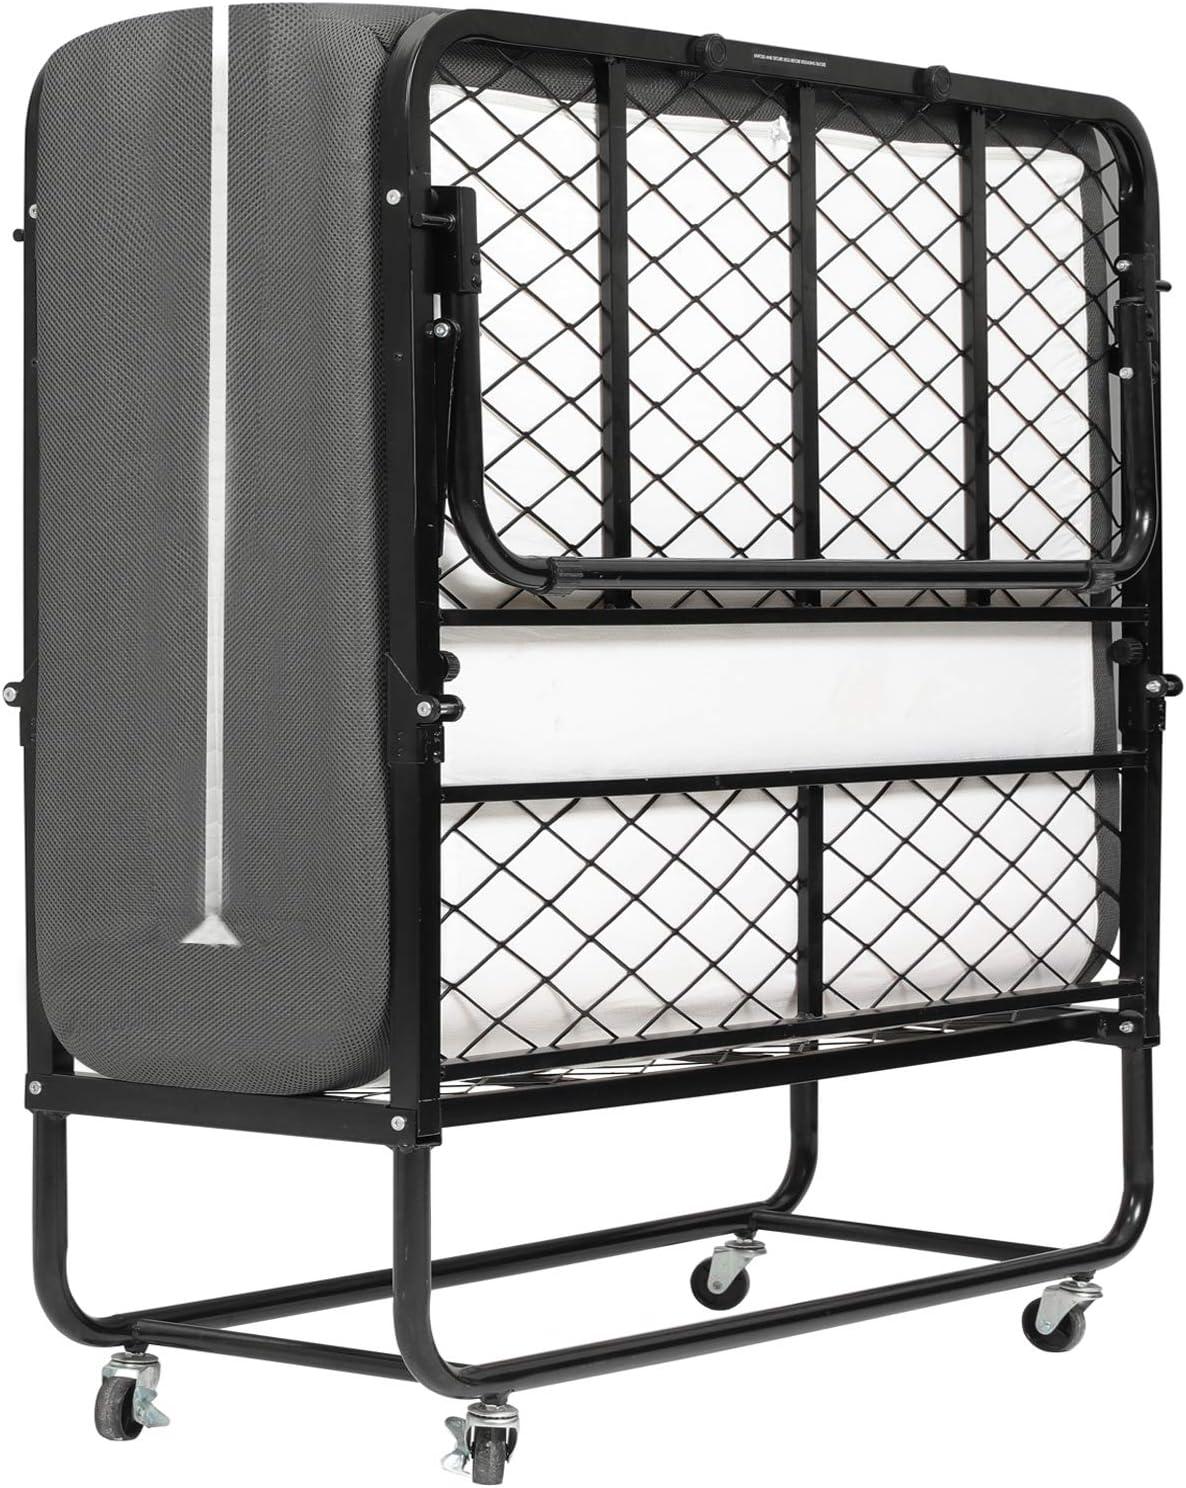 DICTAC Cama plegable 90 x 200 cm Cama de invitados con colchón de espuma viscoelástica de 13 cm de Espesor,Cubierta de polvo y ruedas gratis, fáciles de montar y transportar,Armadura de Metal